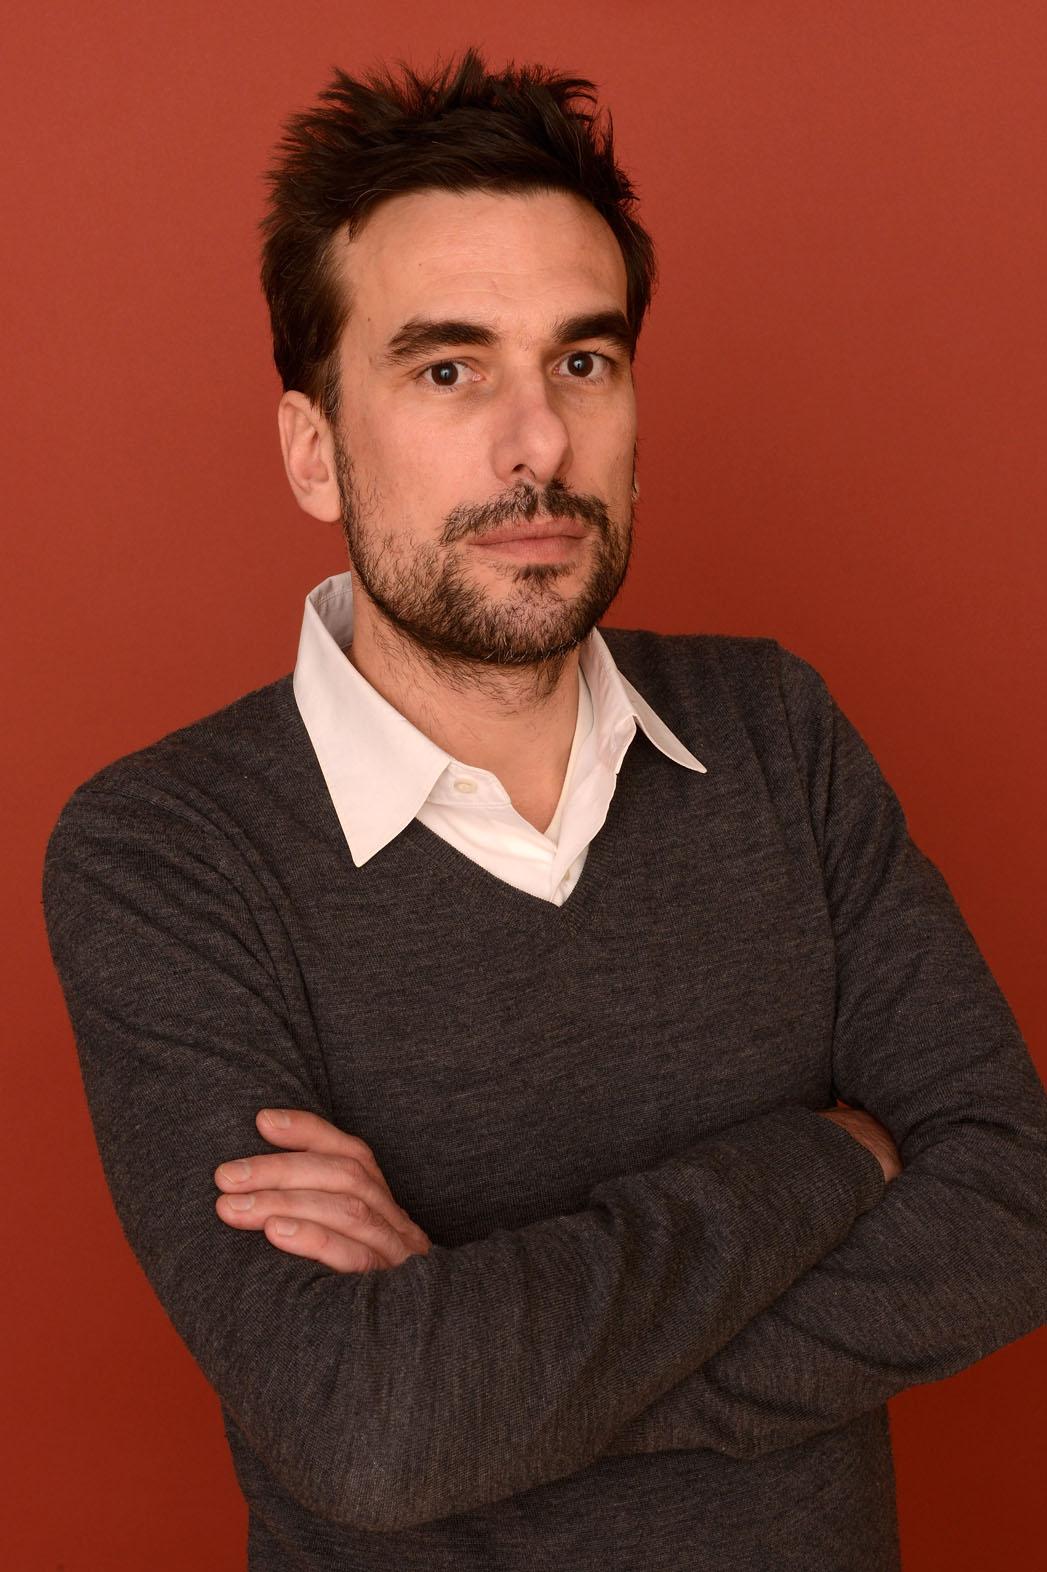 Alexandre Moors Headshot - P 2013